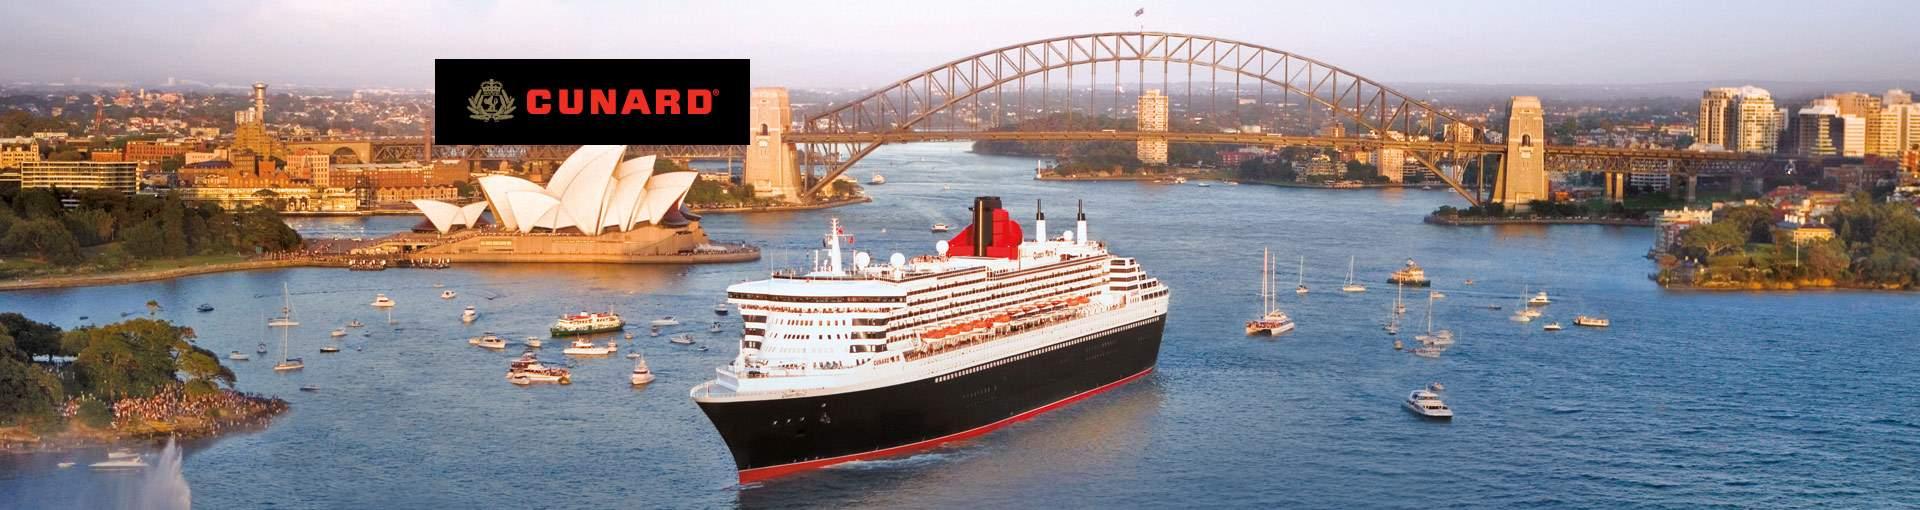 Hookup cruise ship